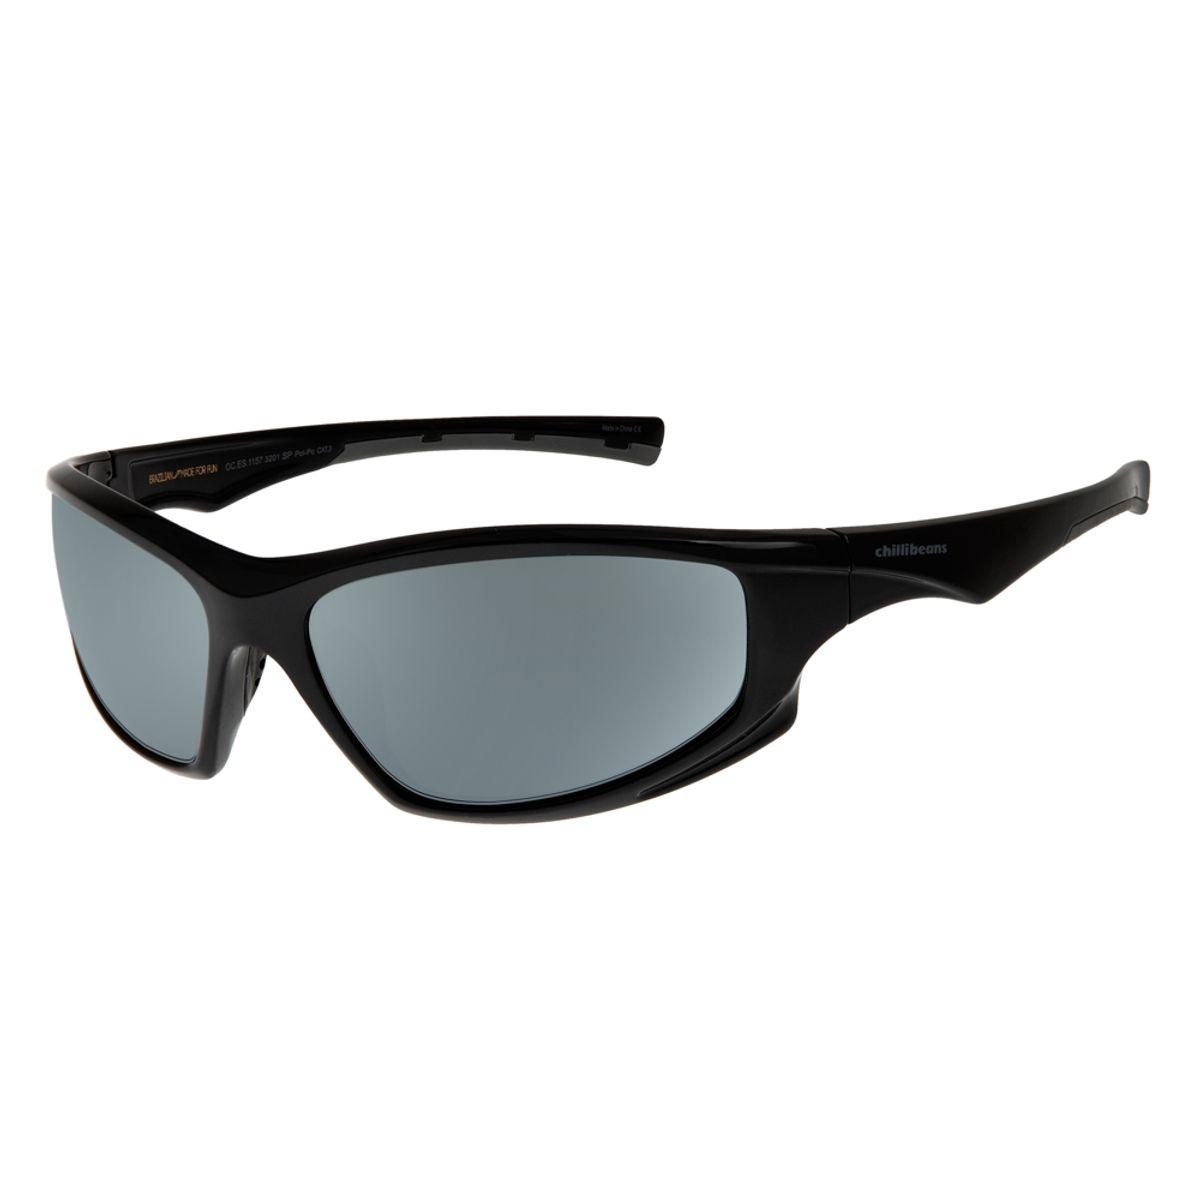 65f142439 Óculos de Sol Masculino Chilli Beans Preto 1157 - OC.ES.1157.3201 G. REF:  OC.ES.1157.3201. OC.